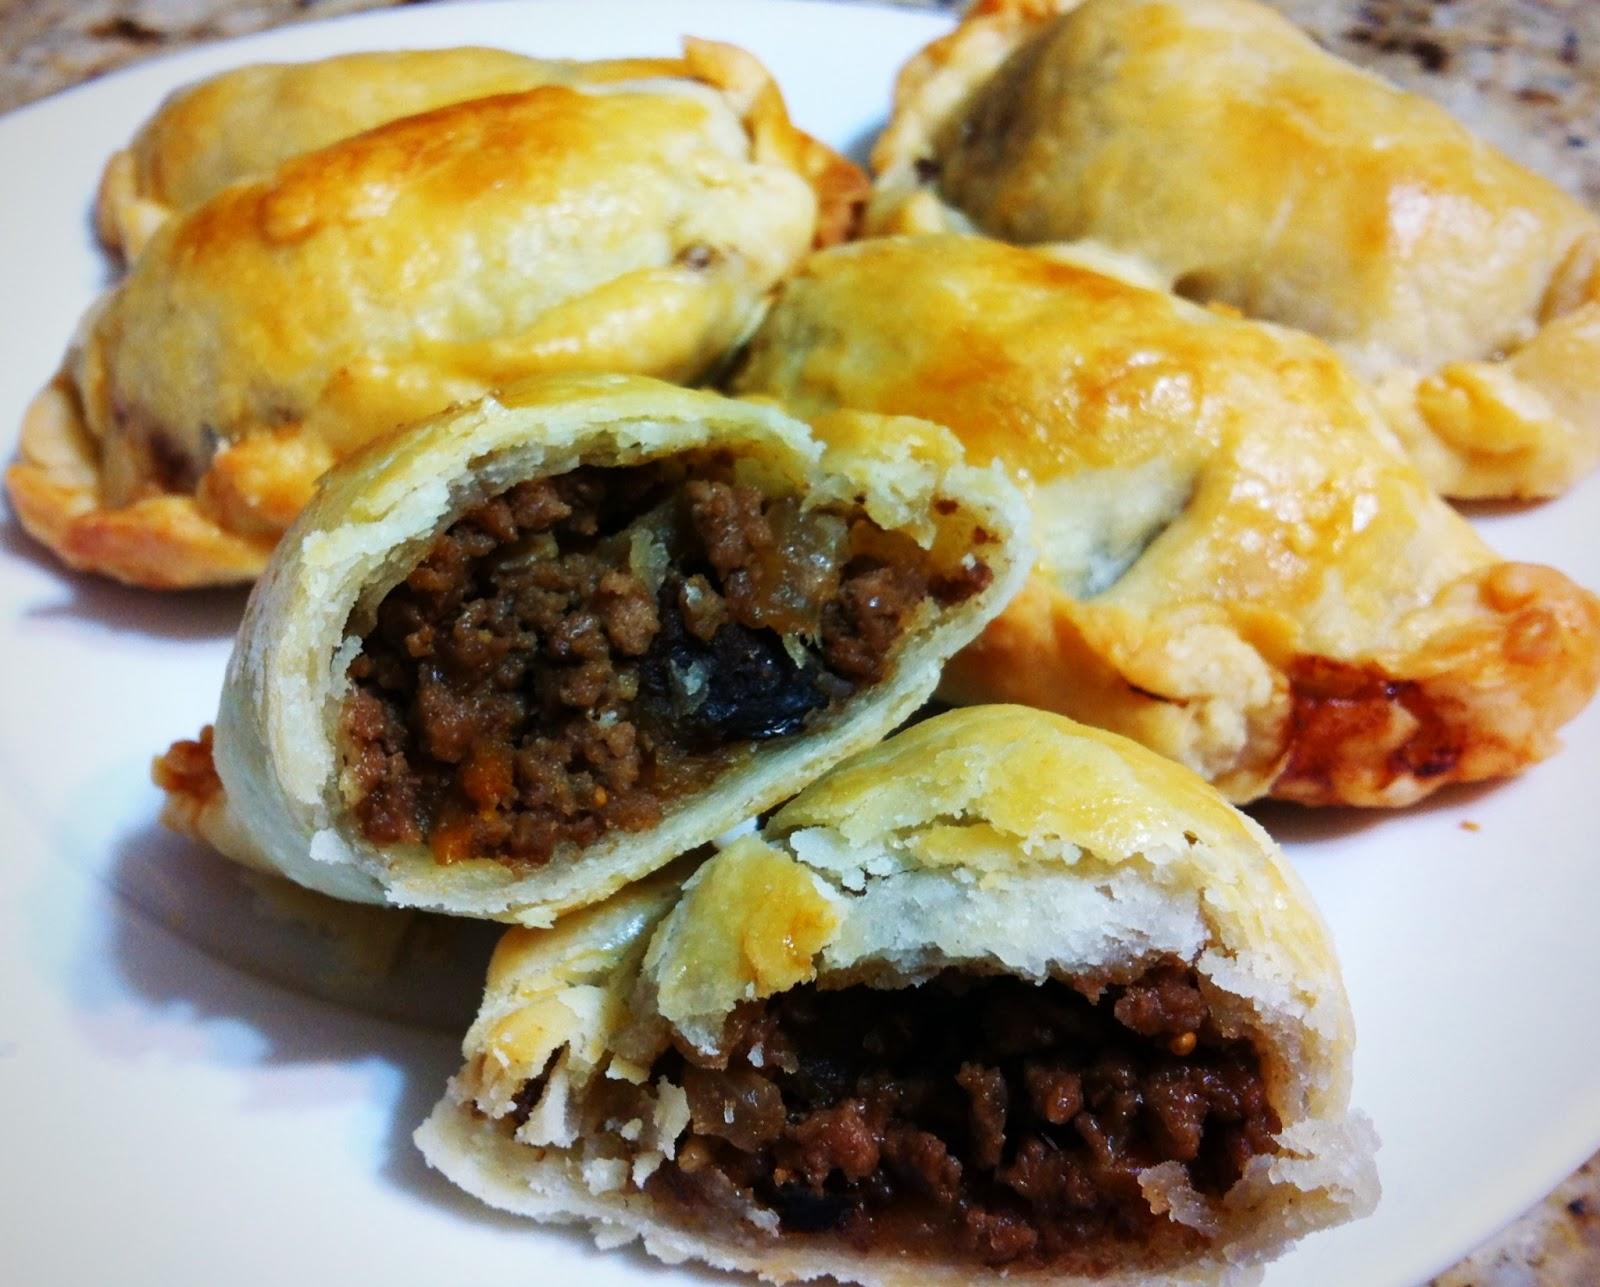 Candice's Cusina: Aunt Pat's Baked Empanadas